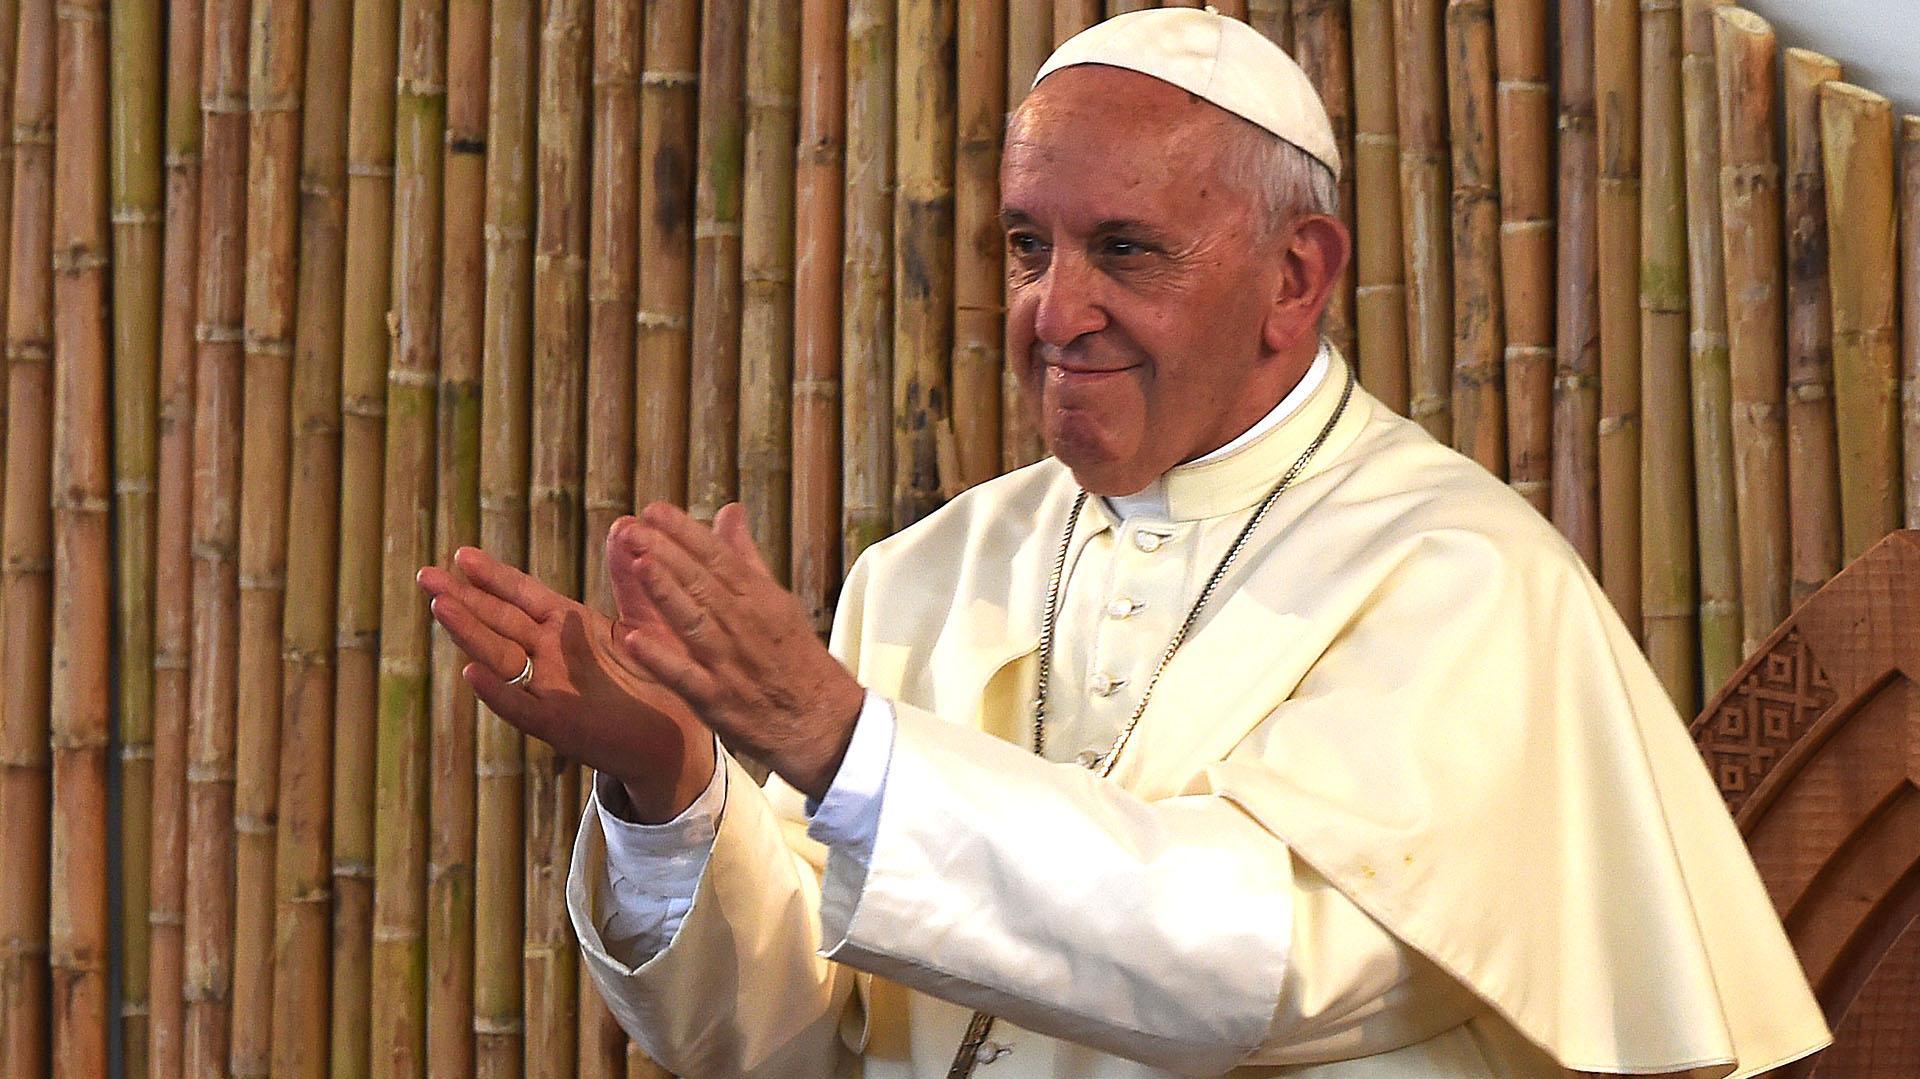 El Papa aplaude uno de los actos preparados por la comunidad local en su honor